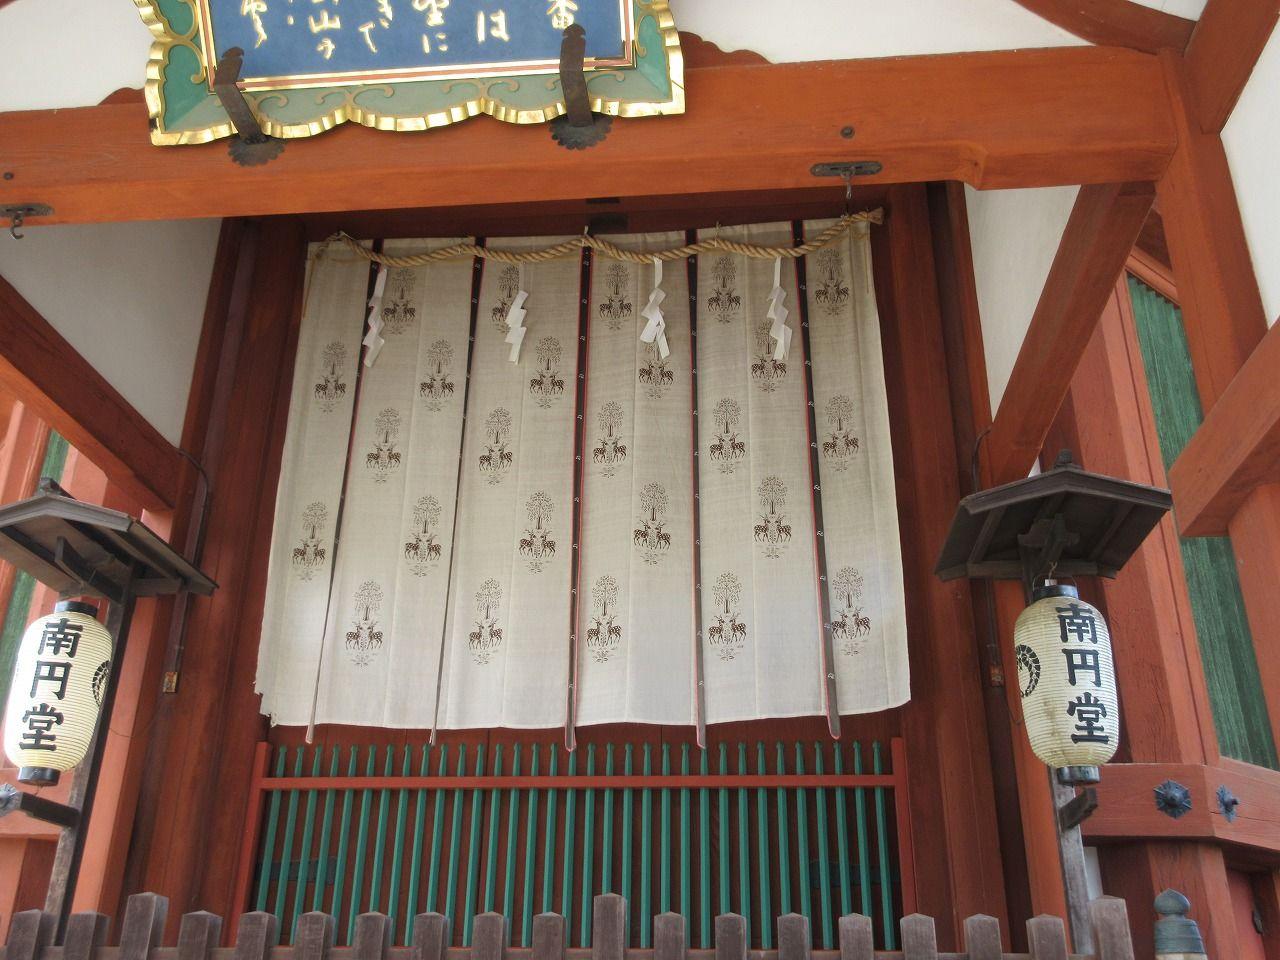 歩きを楽しむ神社仏閣、古跡歩き      興福寺 国宝特別公開2016    コメント                やゆ